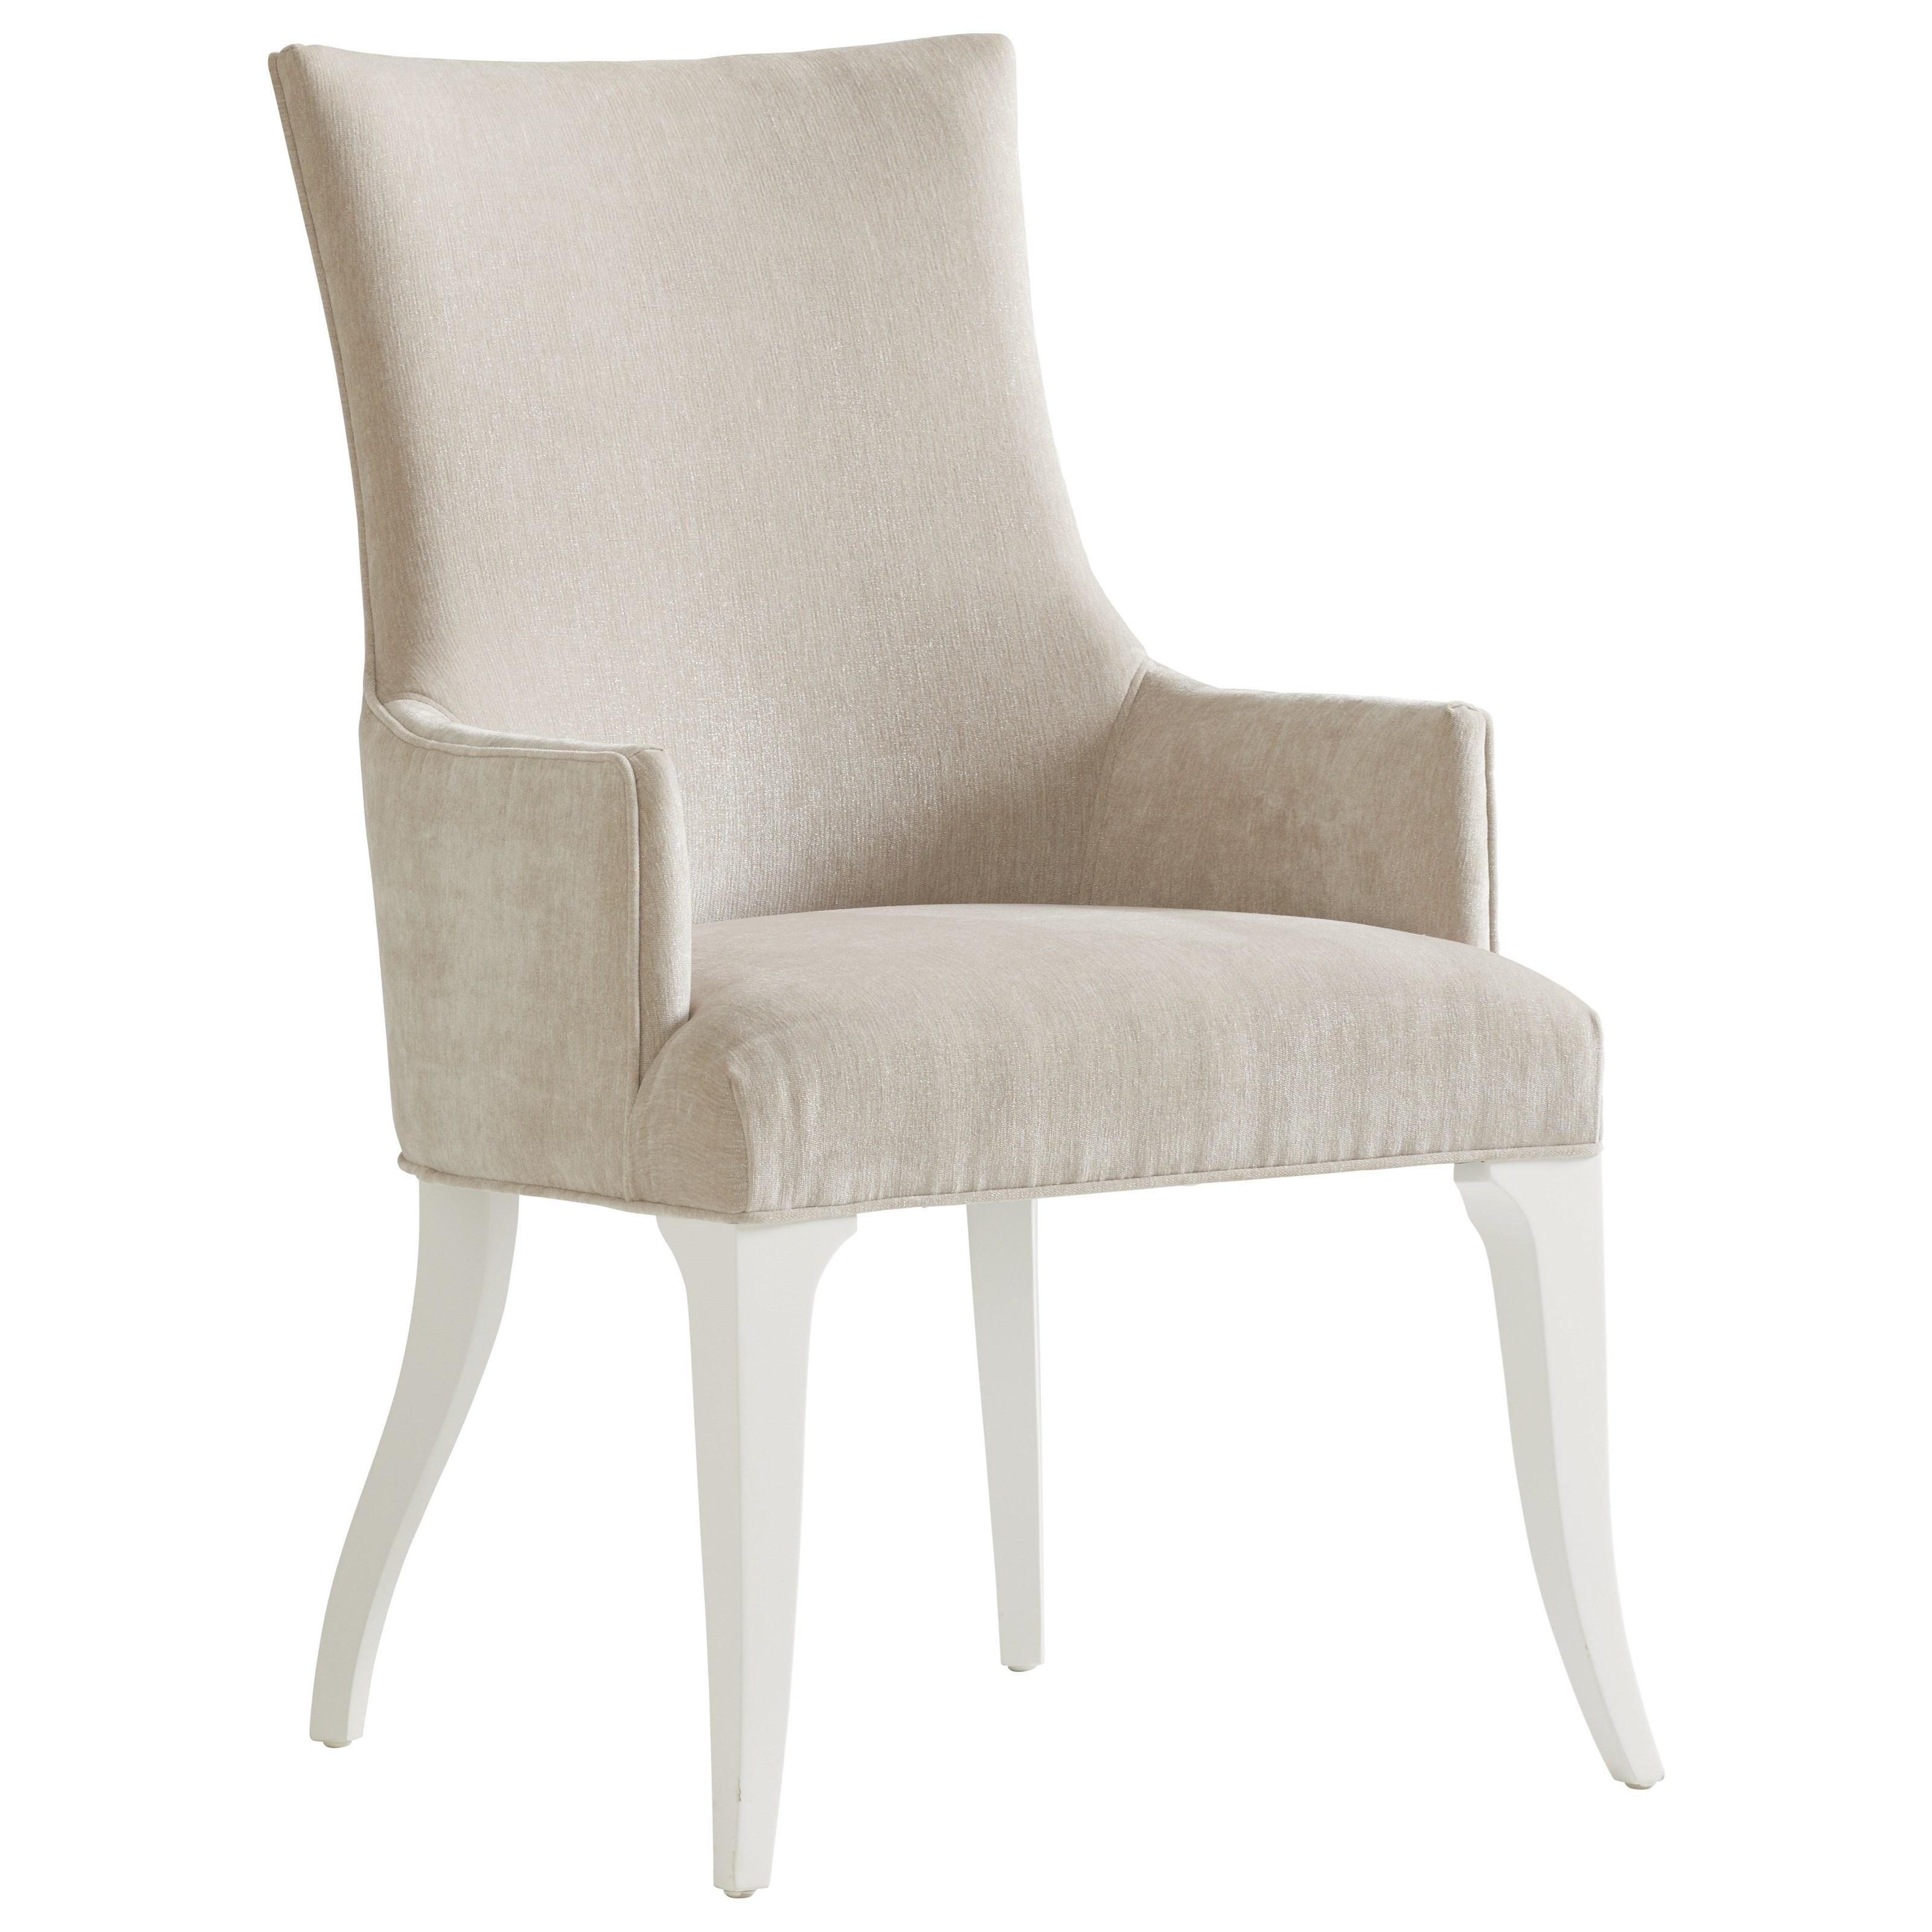 Avondale Geneva Upholstered Arm Chair - Custom by Lexington at Baer's Furniture